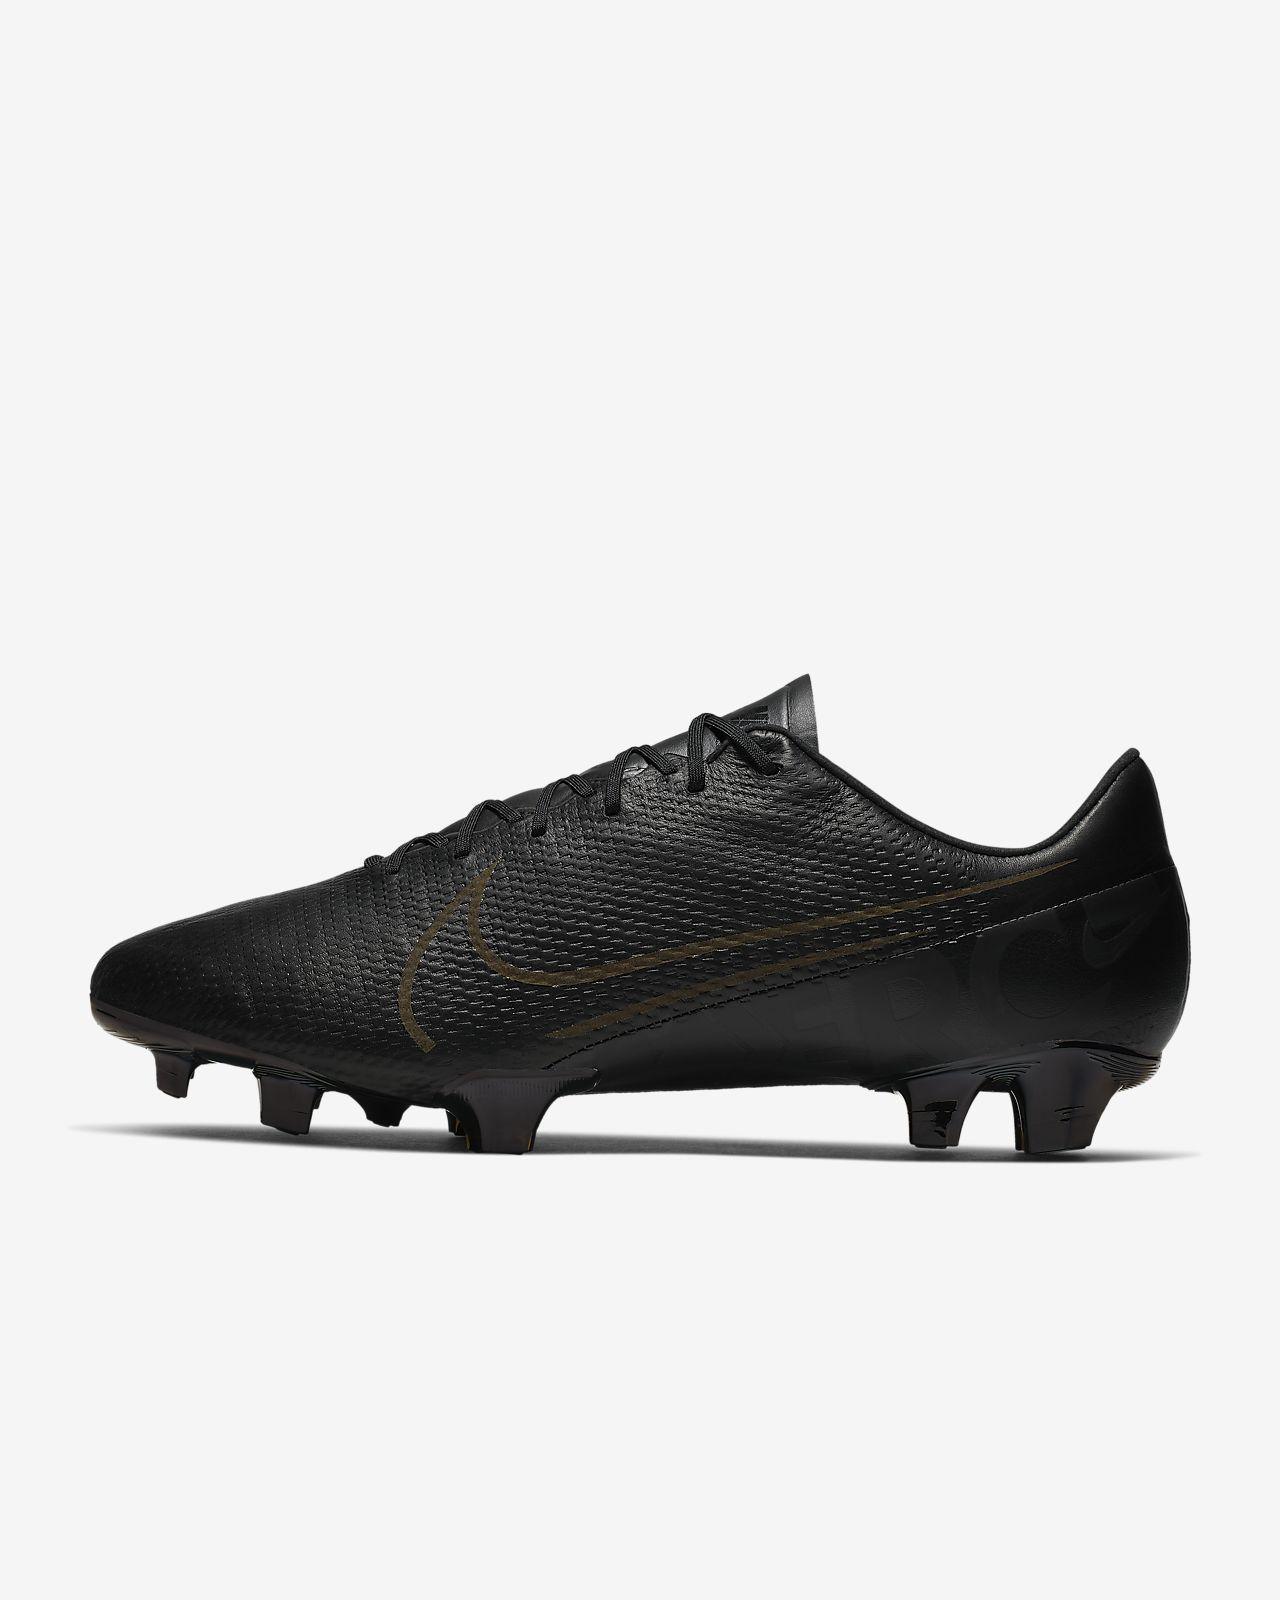 Chaussure de football à crampons pour terrain sec Nike Mercurial Vapor 13 Elite Tech Craft FG